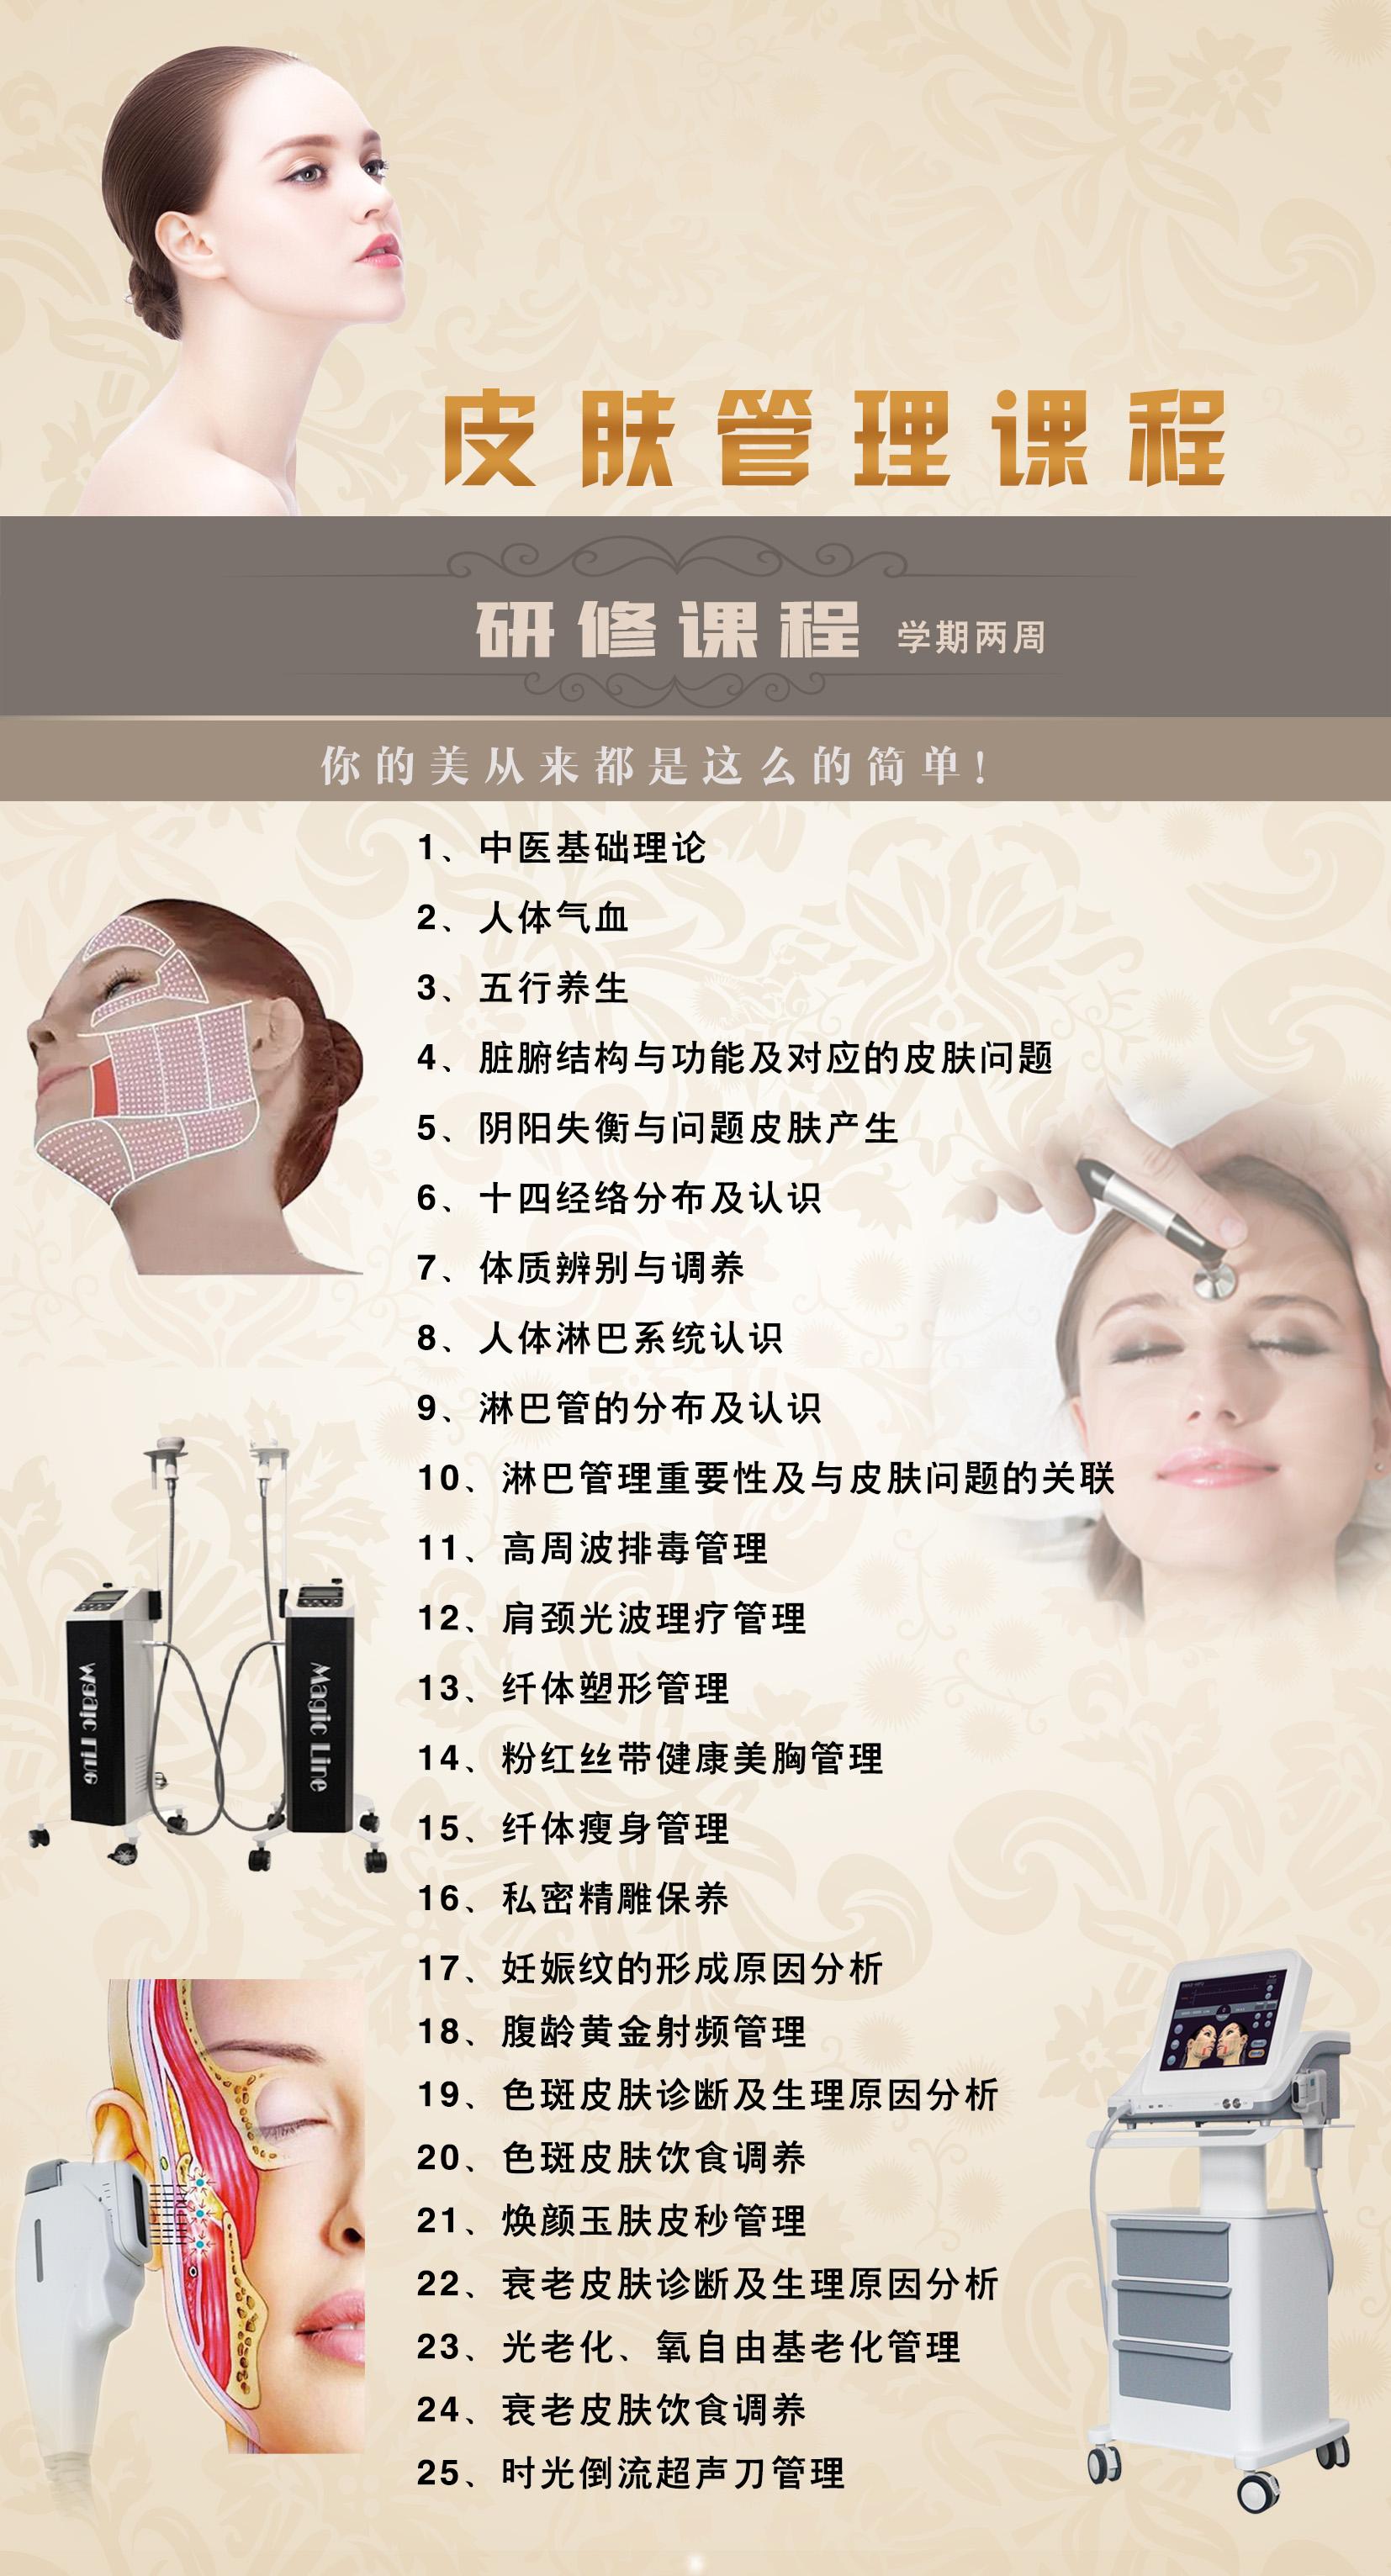 科技美容皮肤管理研修课程